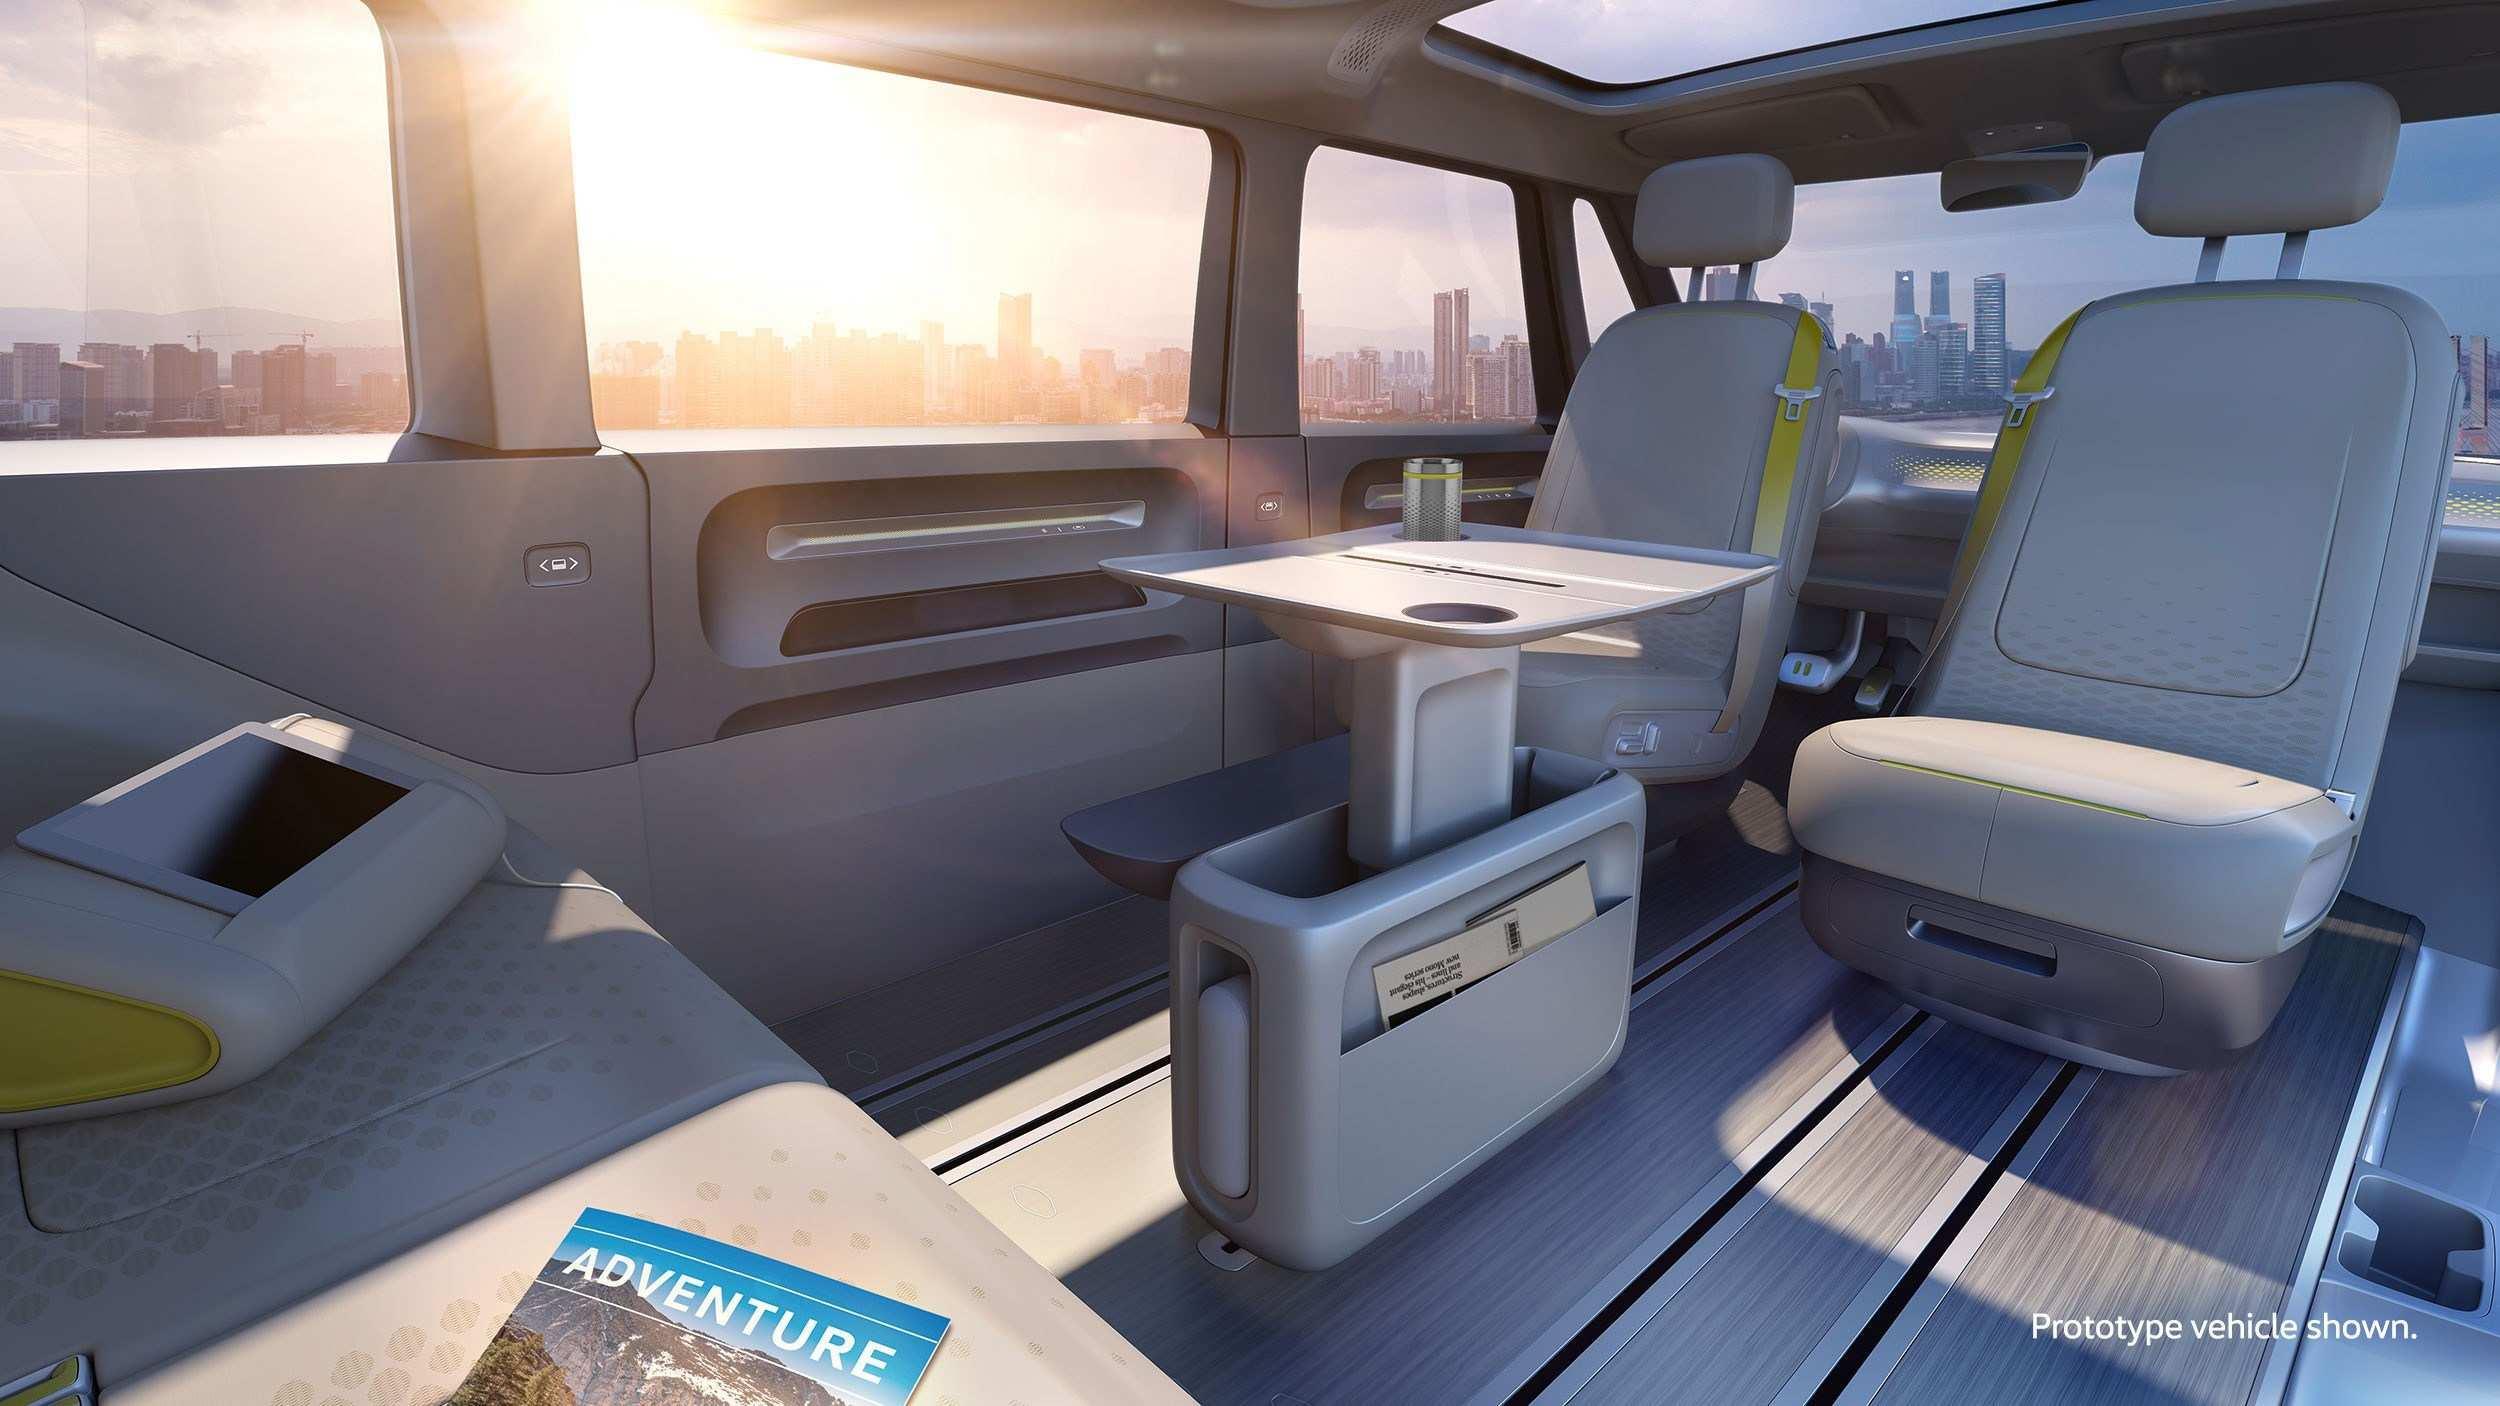 36 Concept of Volkswagen Minivan 2020 Engine with Volkswagen Minivan 2020